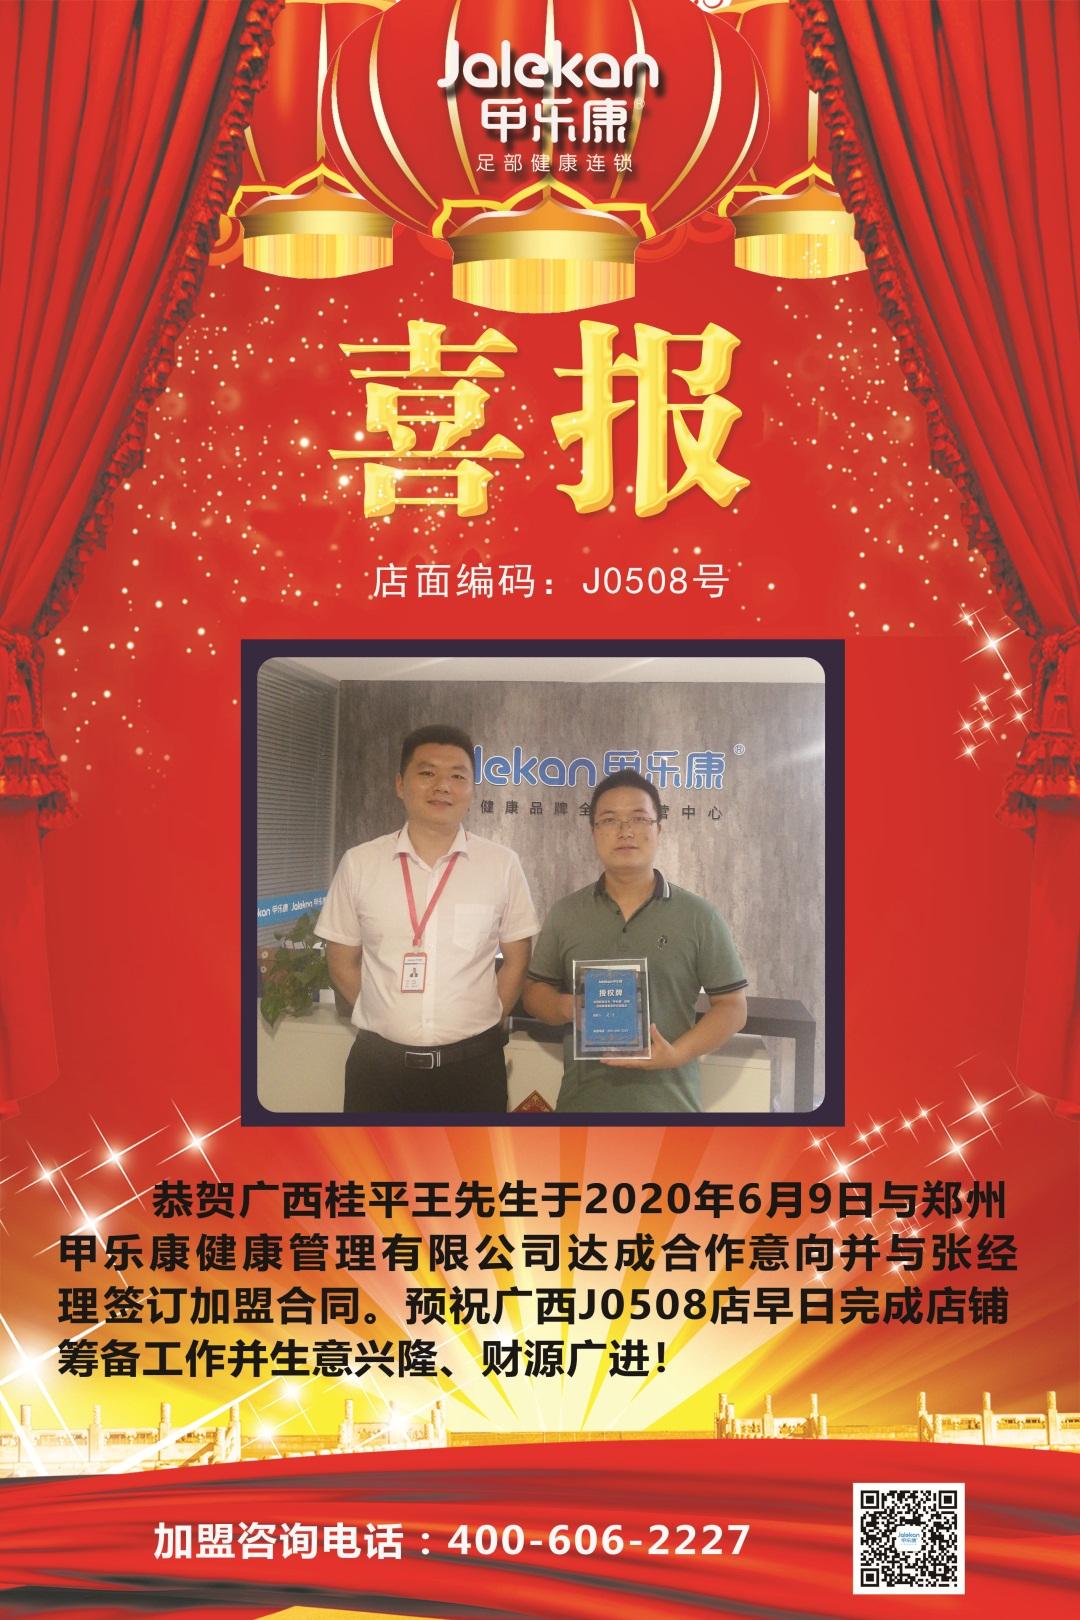 2020-6-9广西桂平王先生